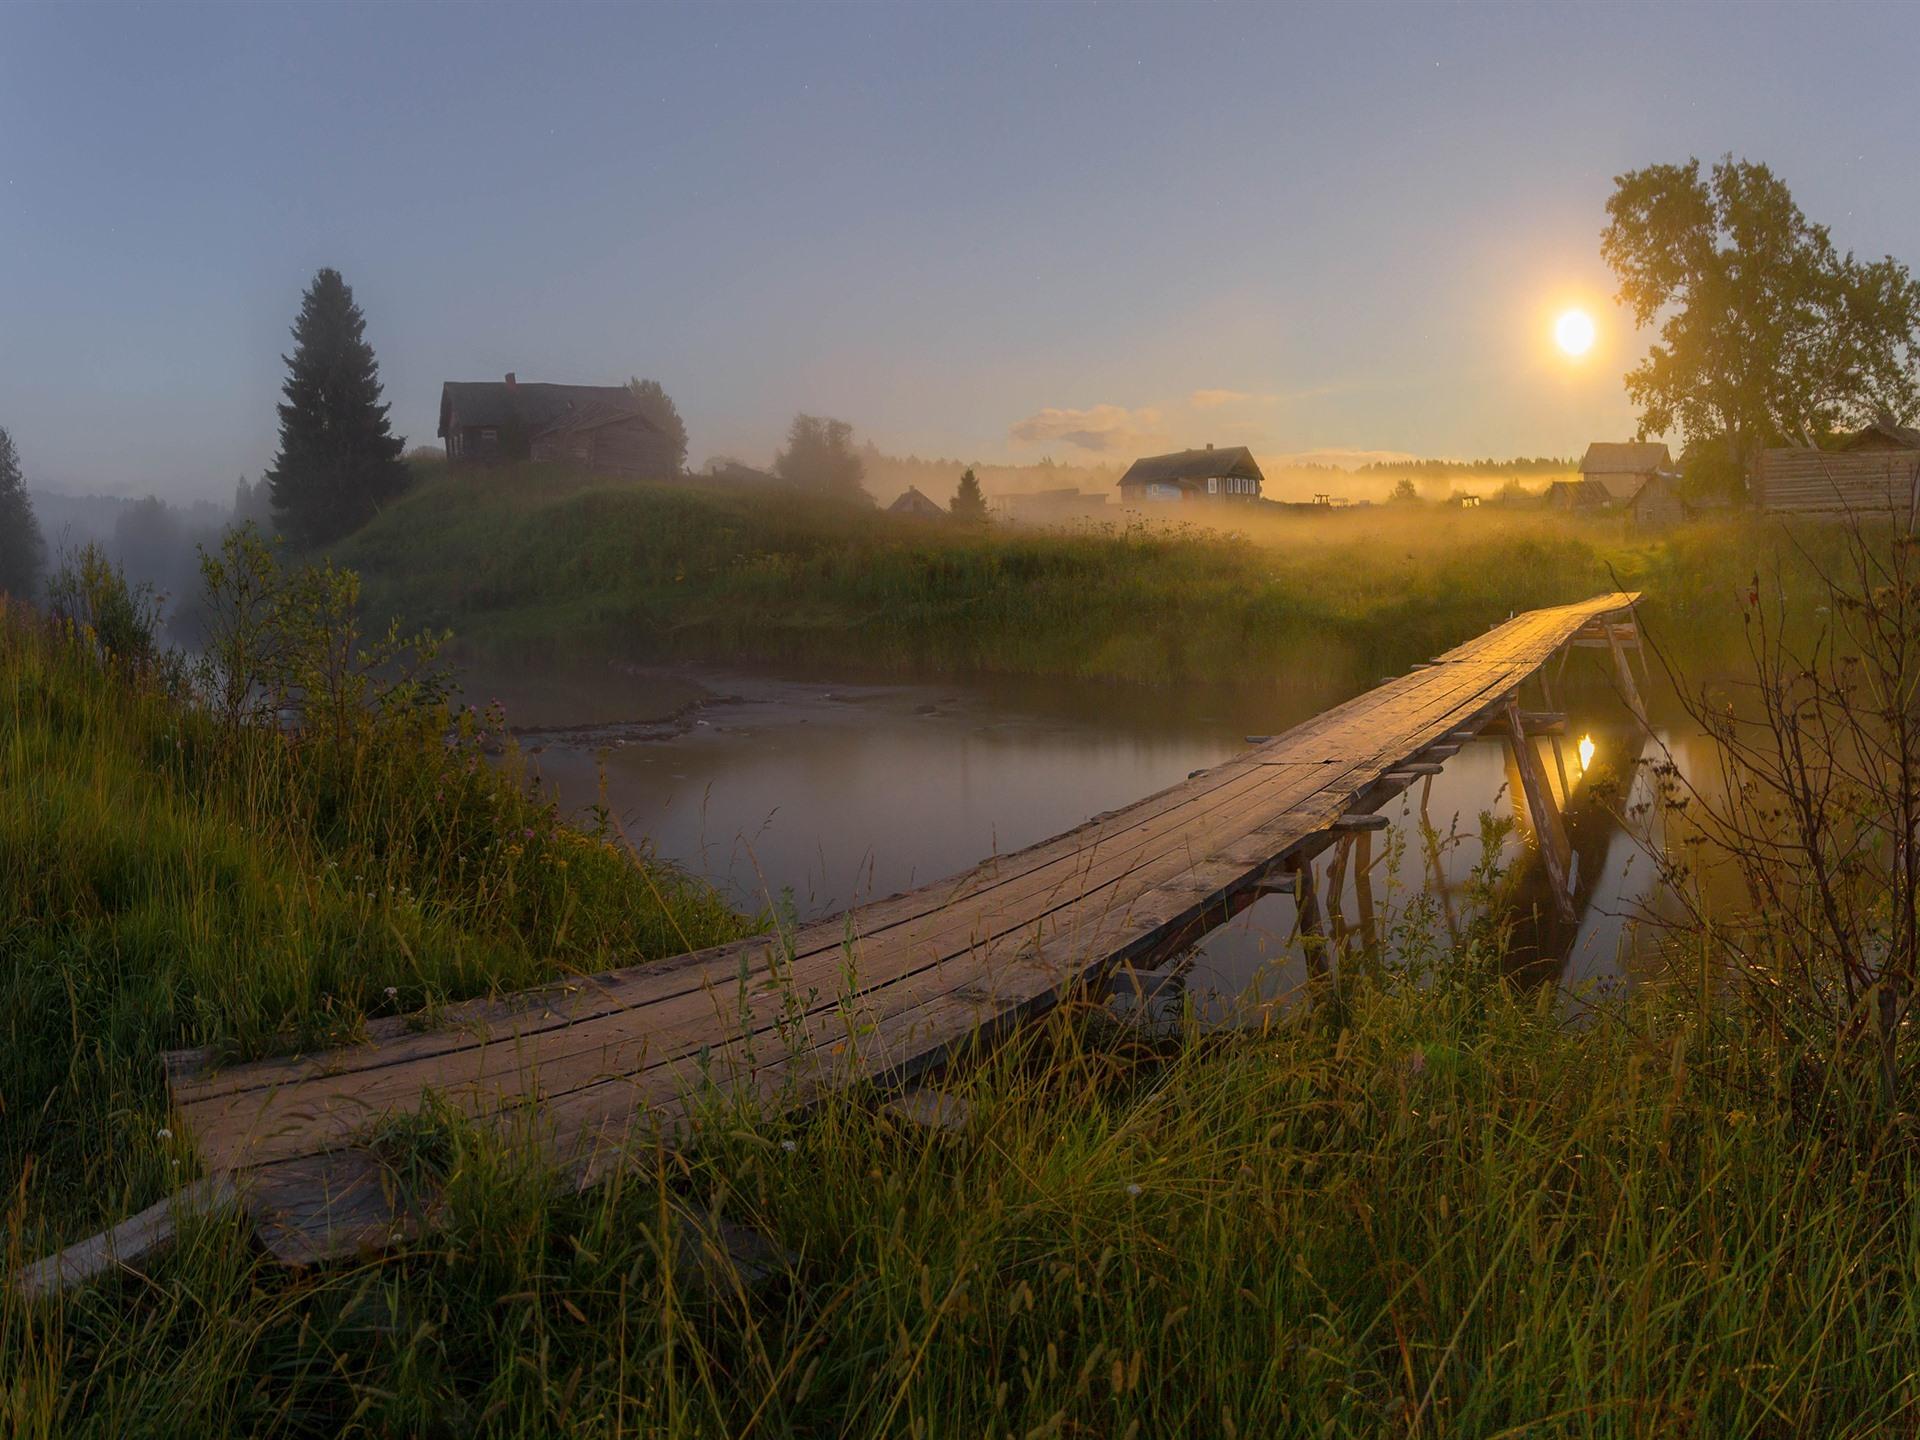 Картинки дом в дали и мост через речку